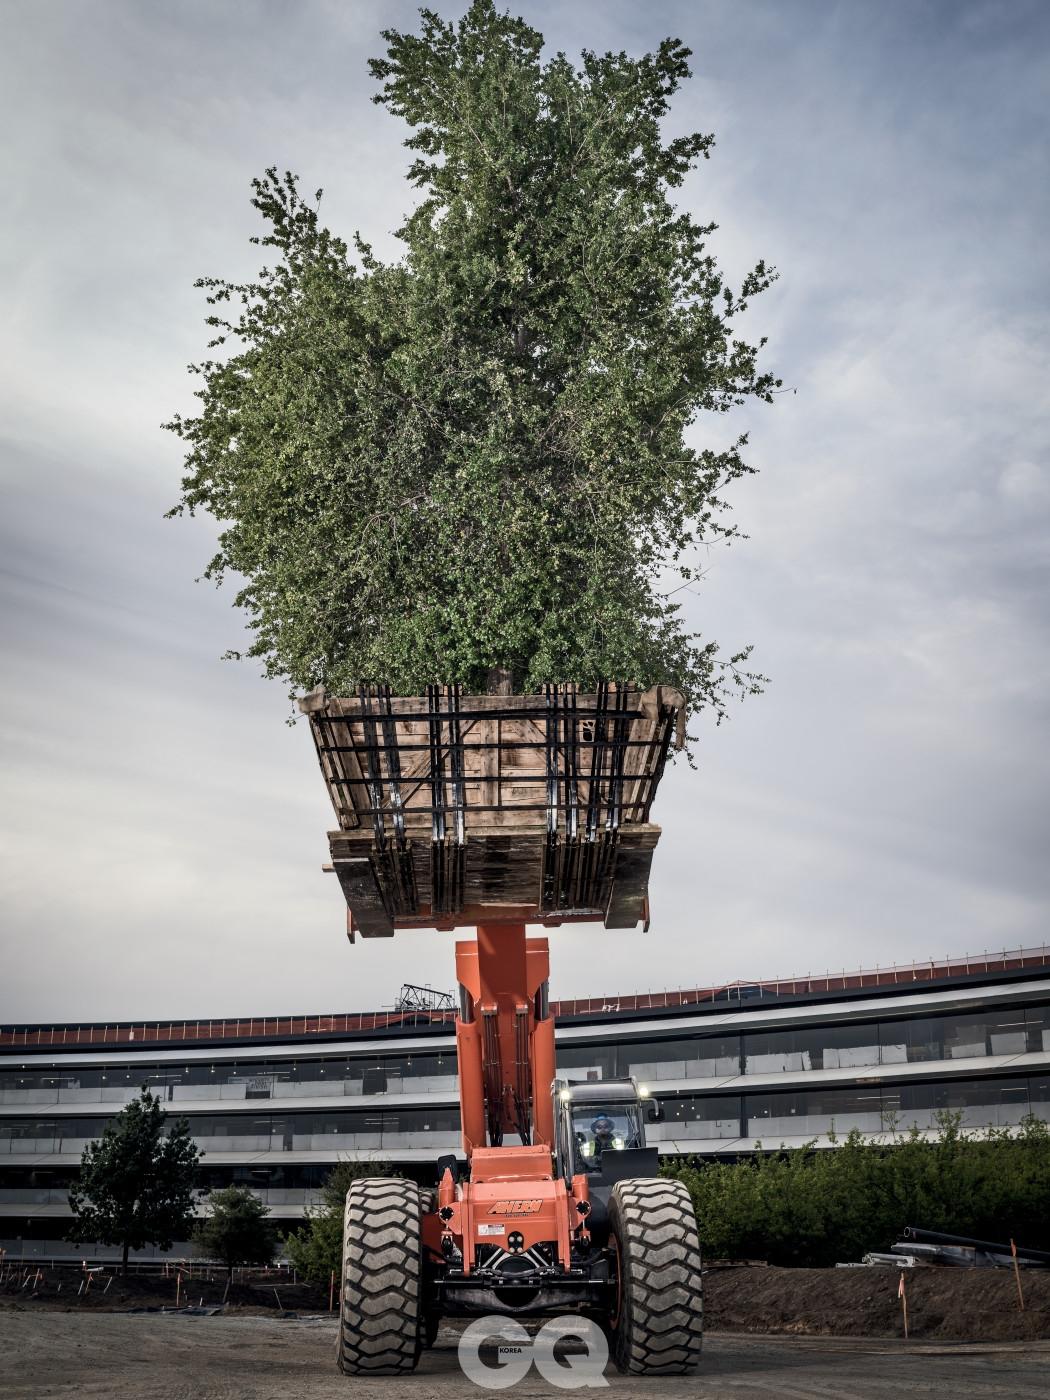 """나무 배달 """"잡스에게 나무는 아름다운 예술 작품과 다름없다""""고 건축가 스테판 베링이 말했다. """"스티브는 '아무리 부자라도 오래되고 아름다운 나무는 살 수 없다는 점 때문에 나무가 멋집니다'라고 말하곤 했습니다."""""""